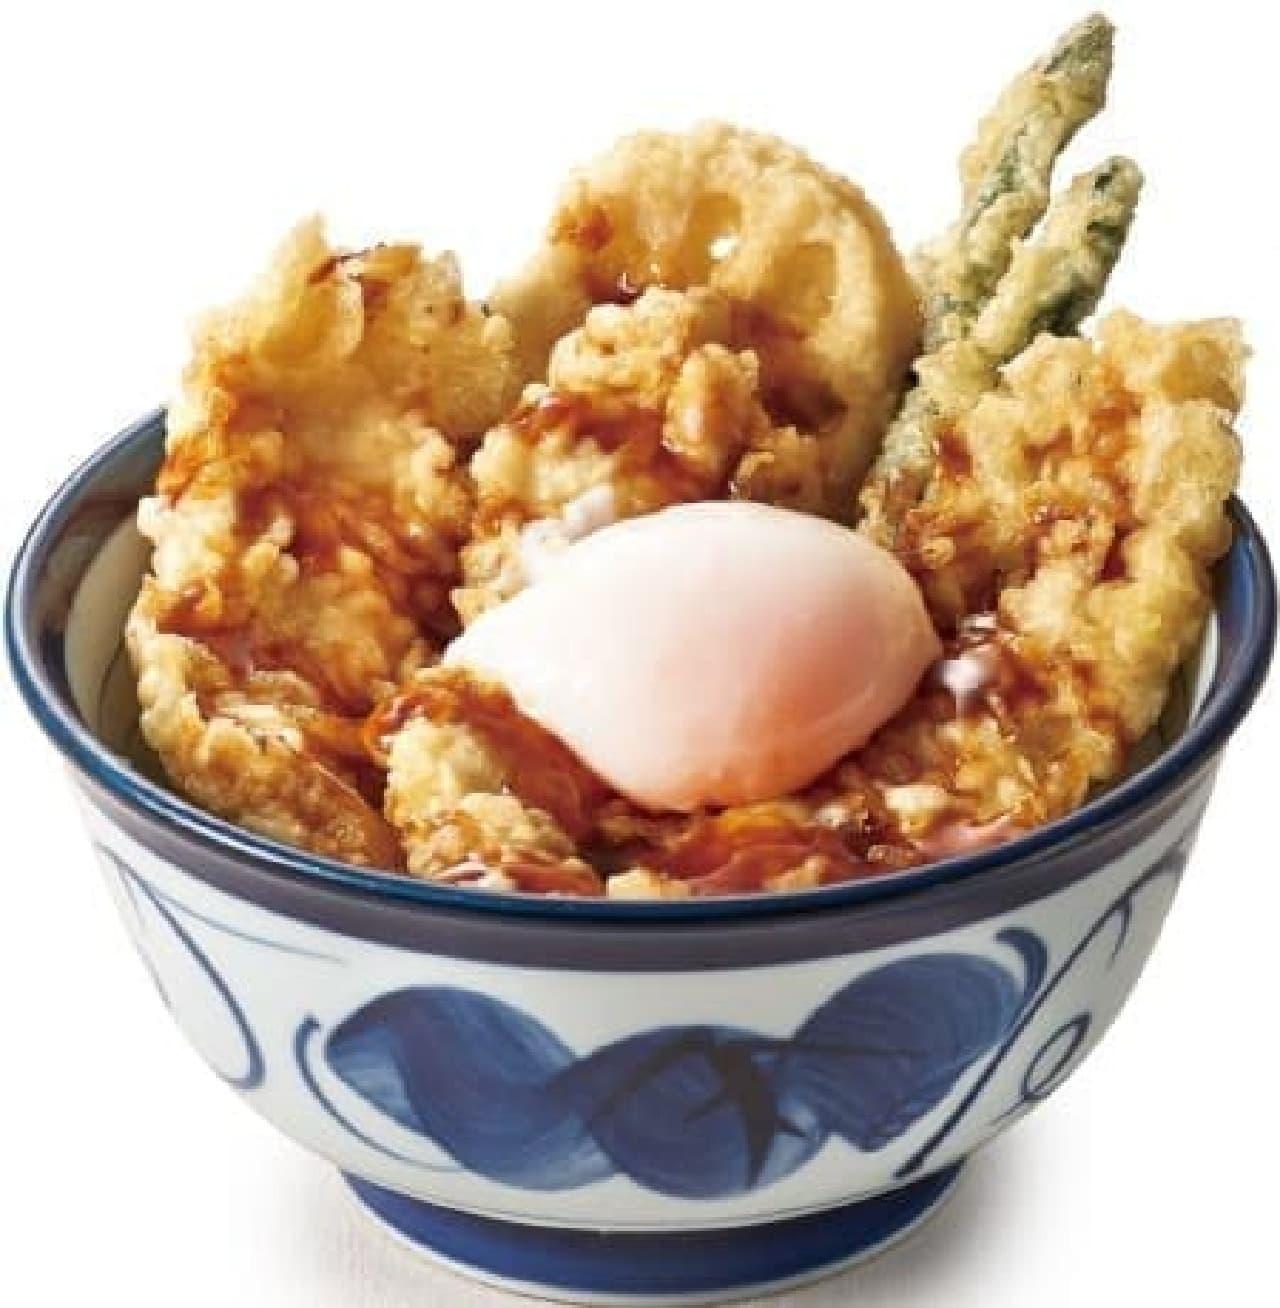 鶏天の旨みと黒酢ソースのさっぱり風味がマッチ!  (写真は半熟玉子付き・690円)